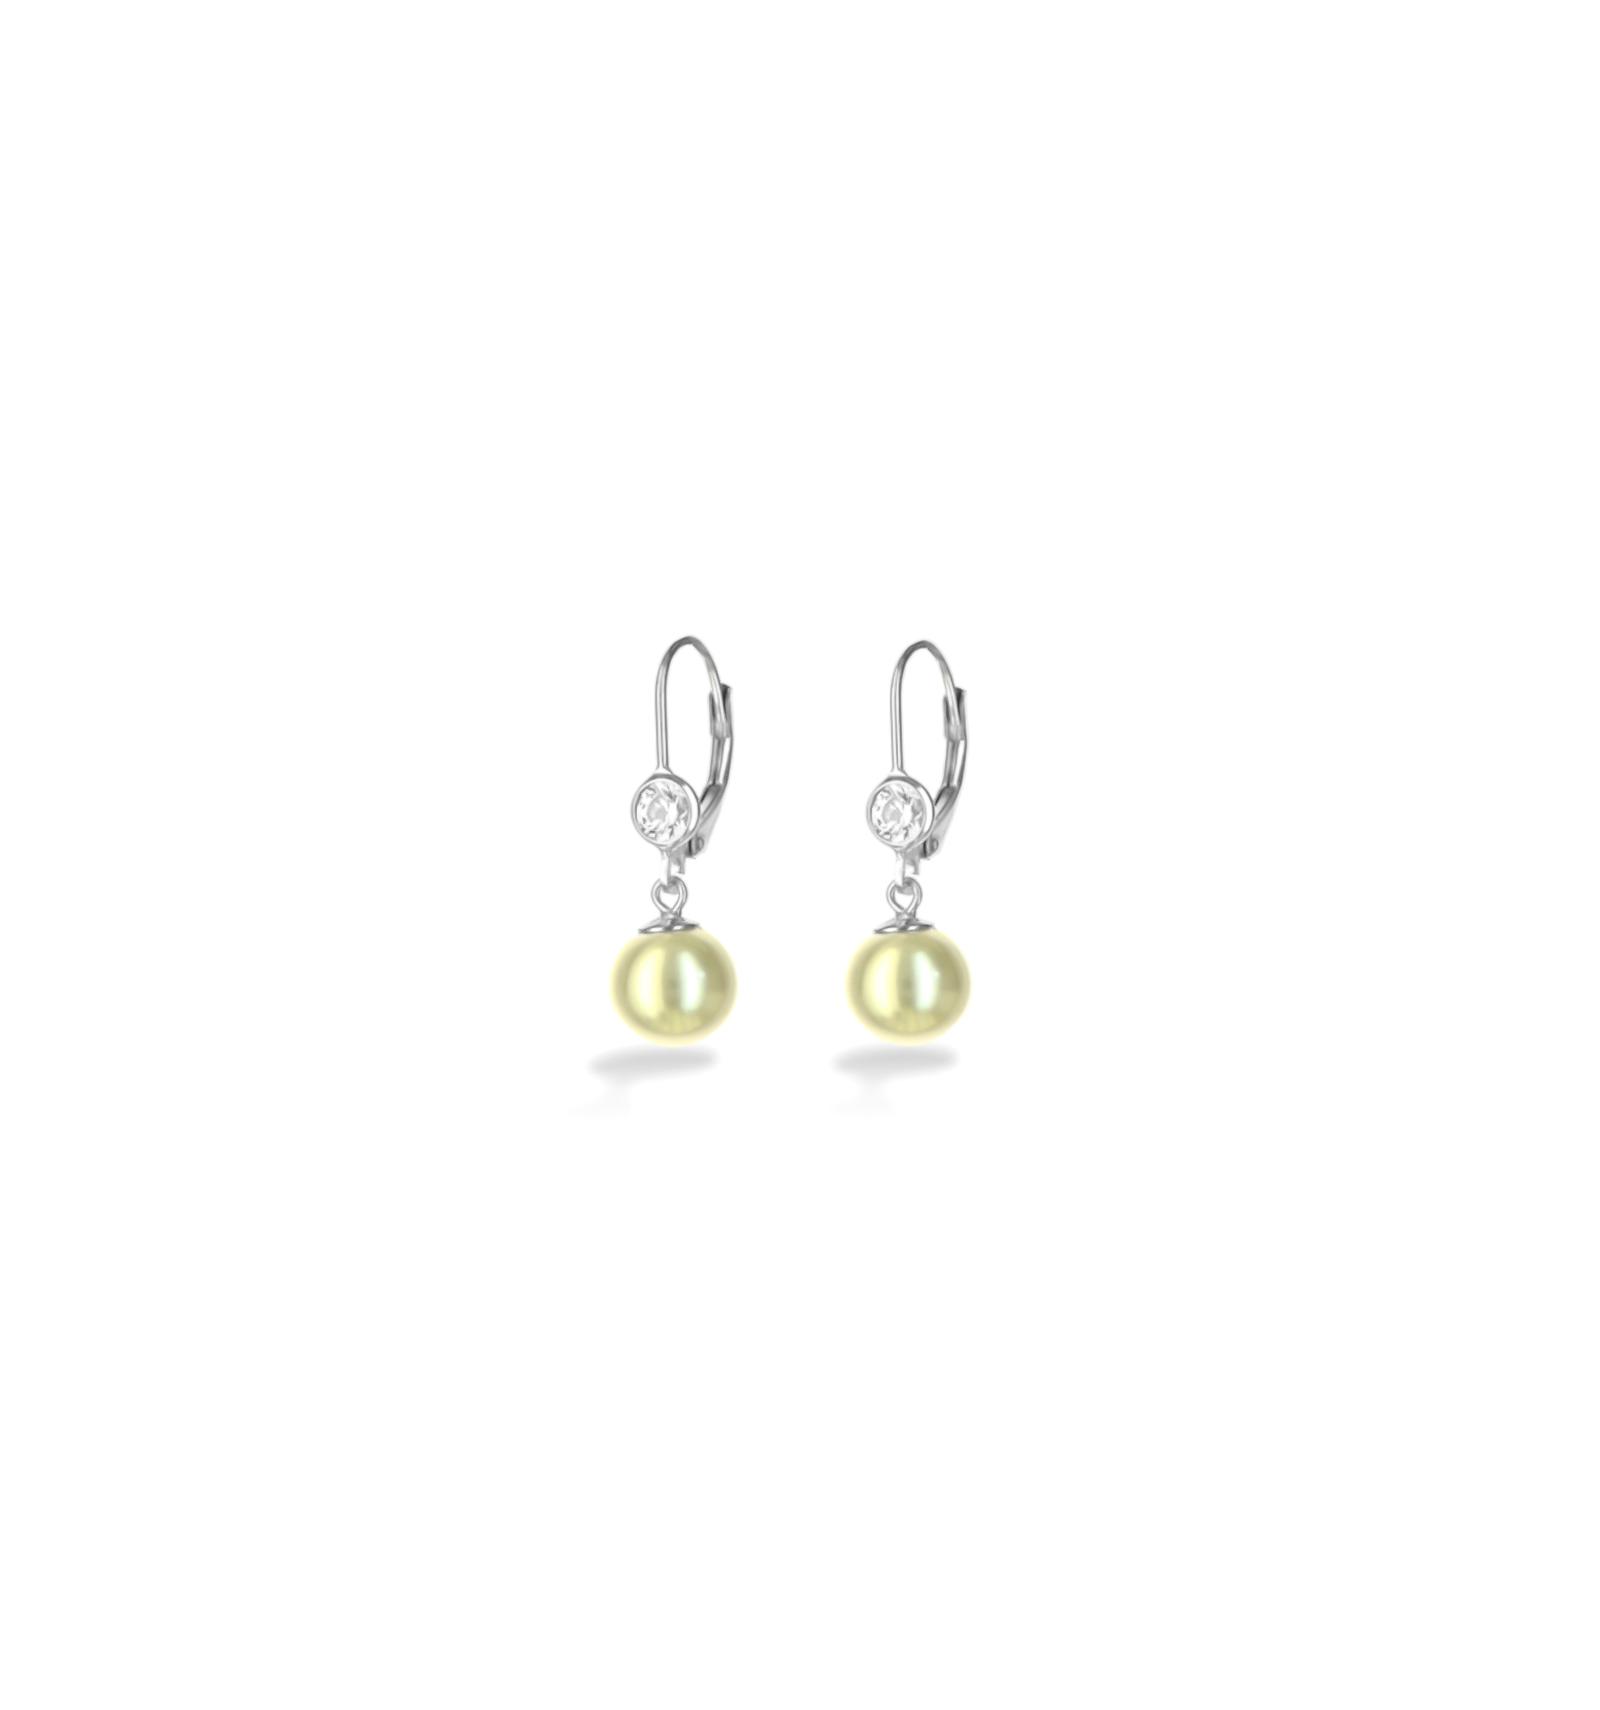 e24c6b768 Strieborné náušnice so Swarovski elements s perlou